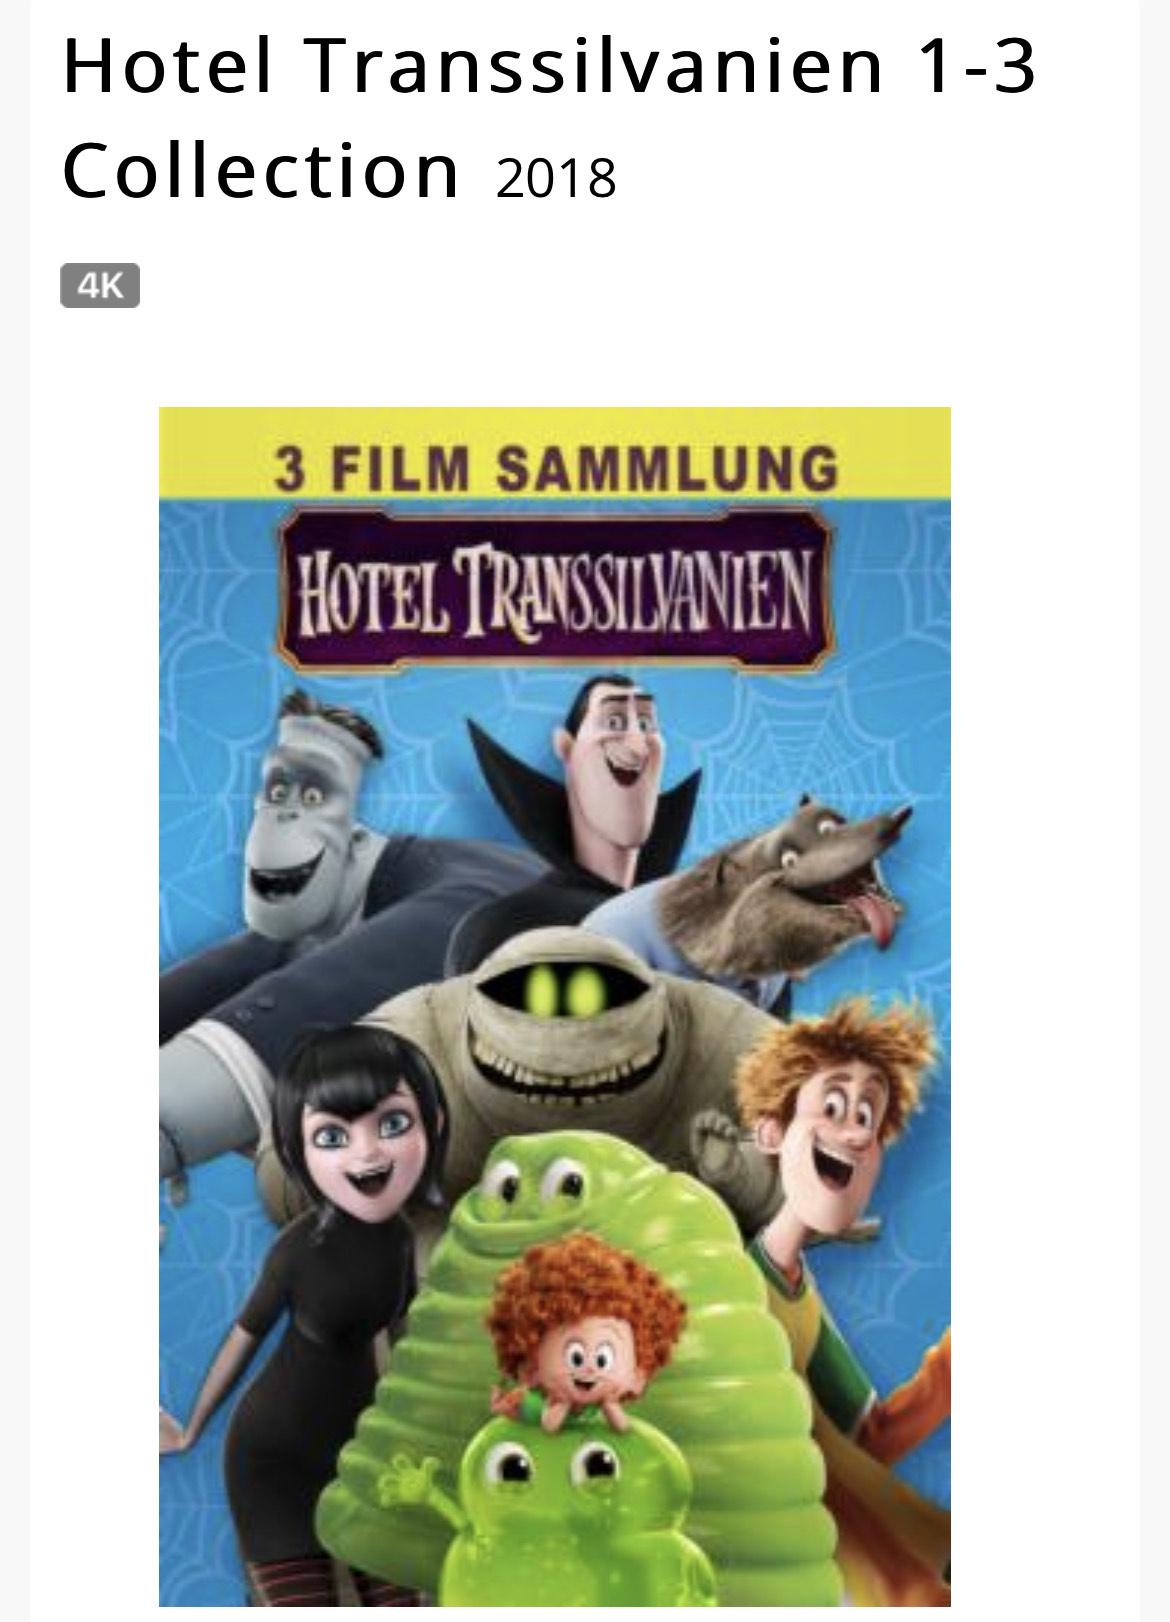 Hotel Transsilvanien 1-3 Collection 4K (iTunes)